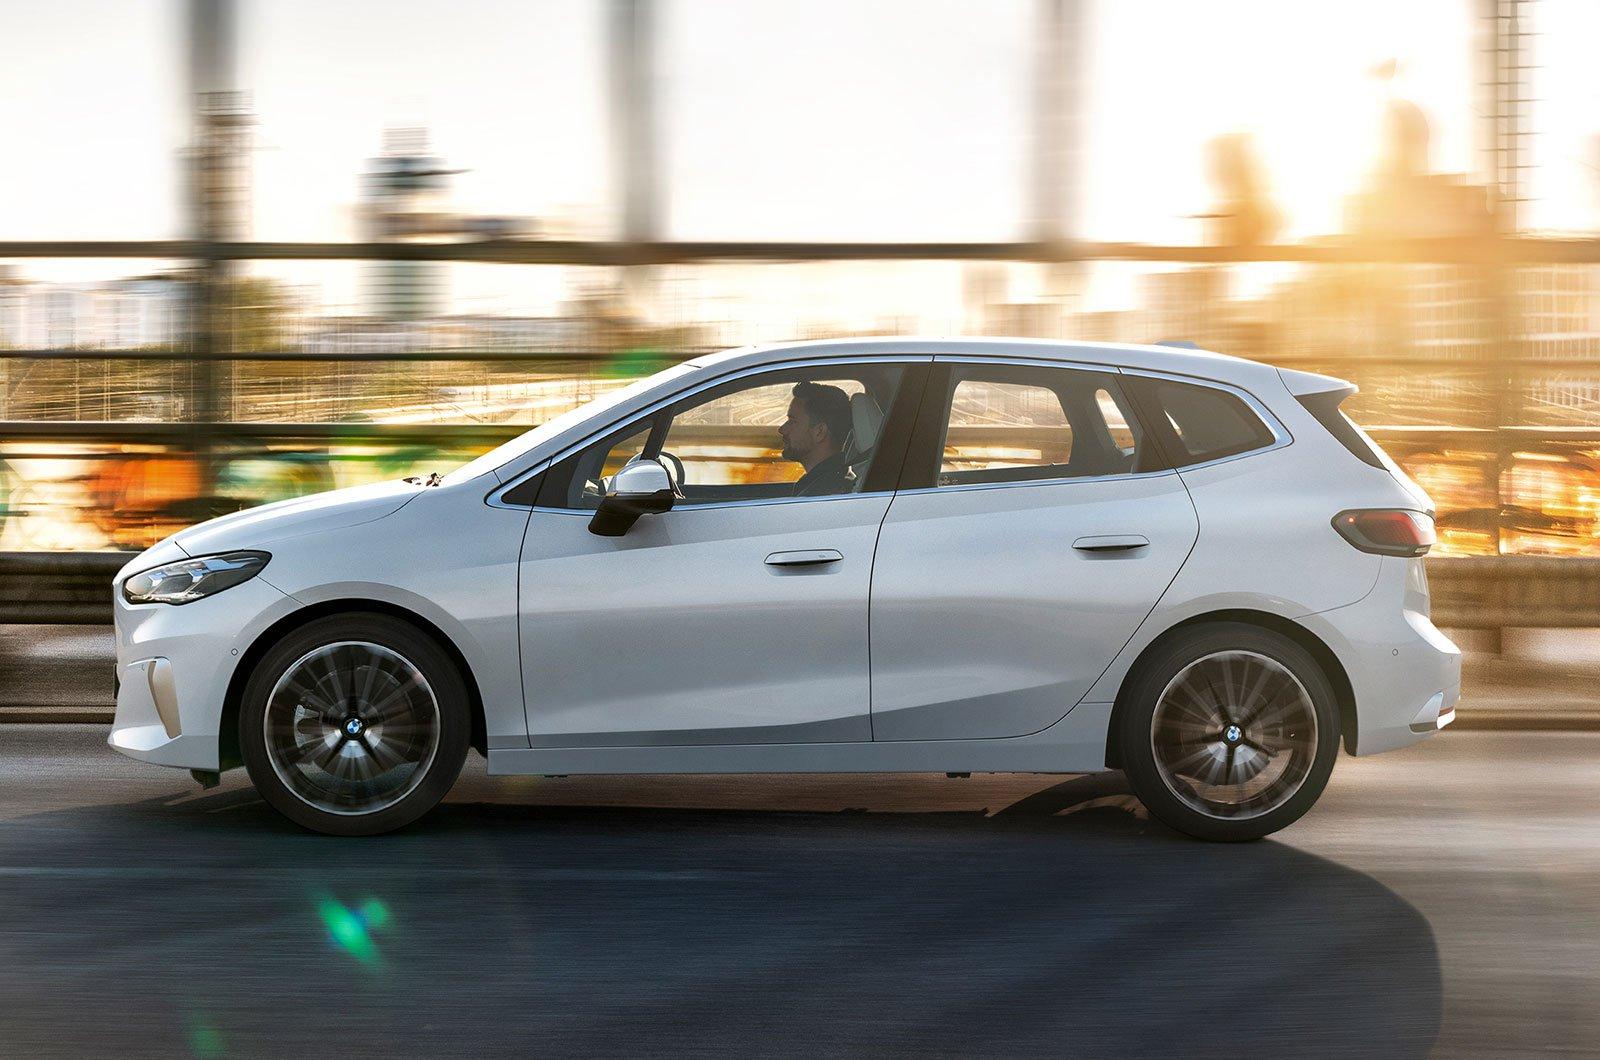 2022 BMW Série 2 Active Tourer side